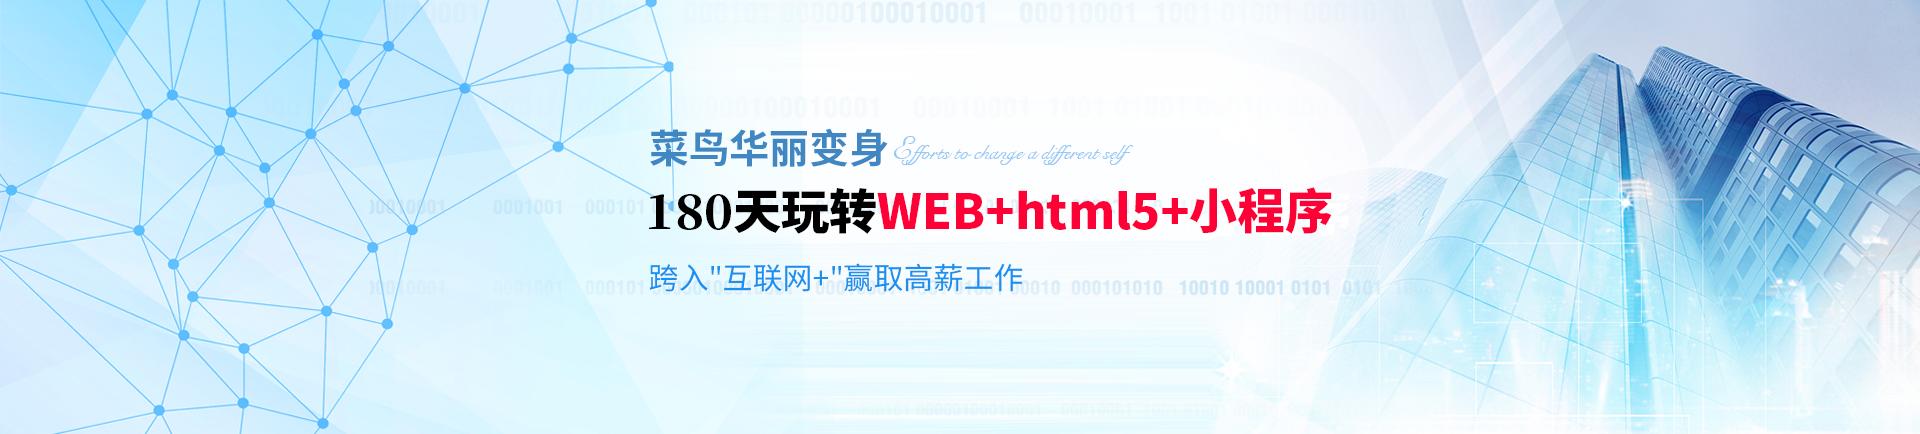 180天玩转WEB+html5+�程� 跨入互�网+挑战高薪-fuzhou